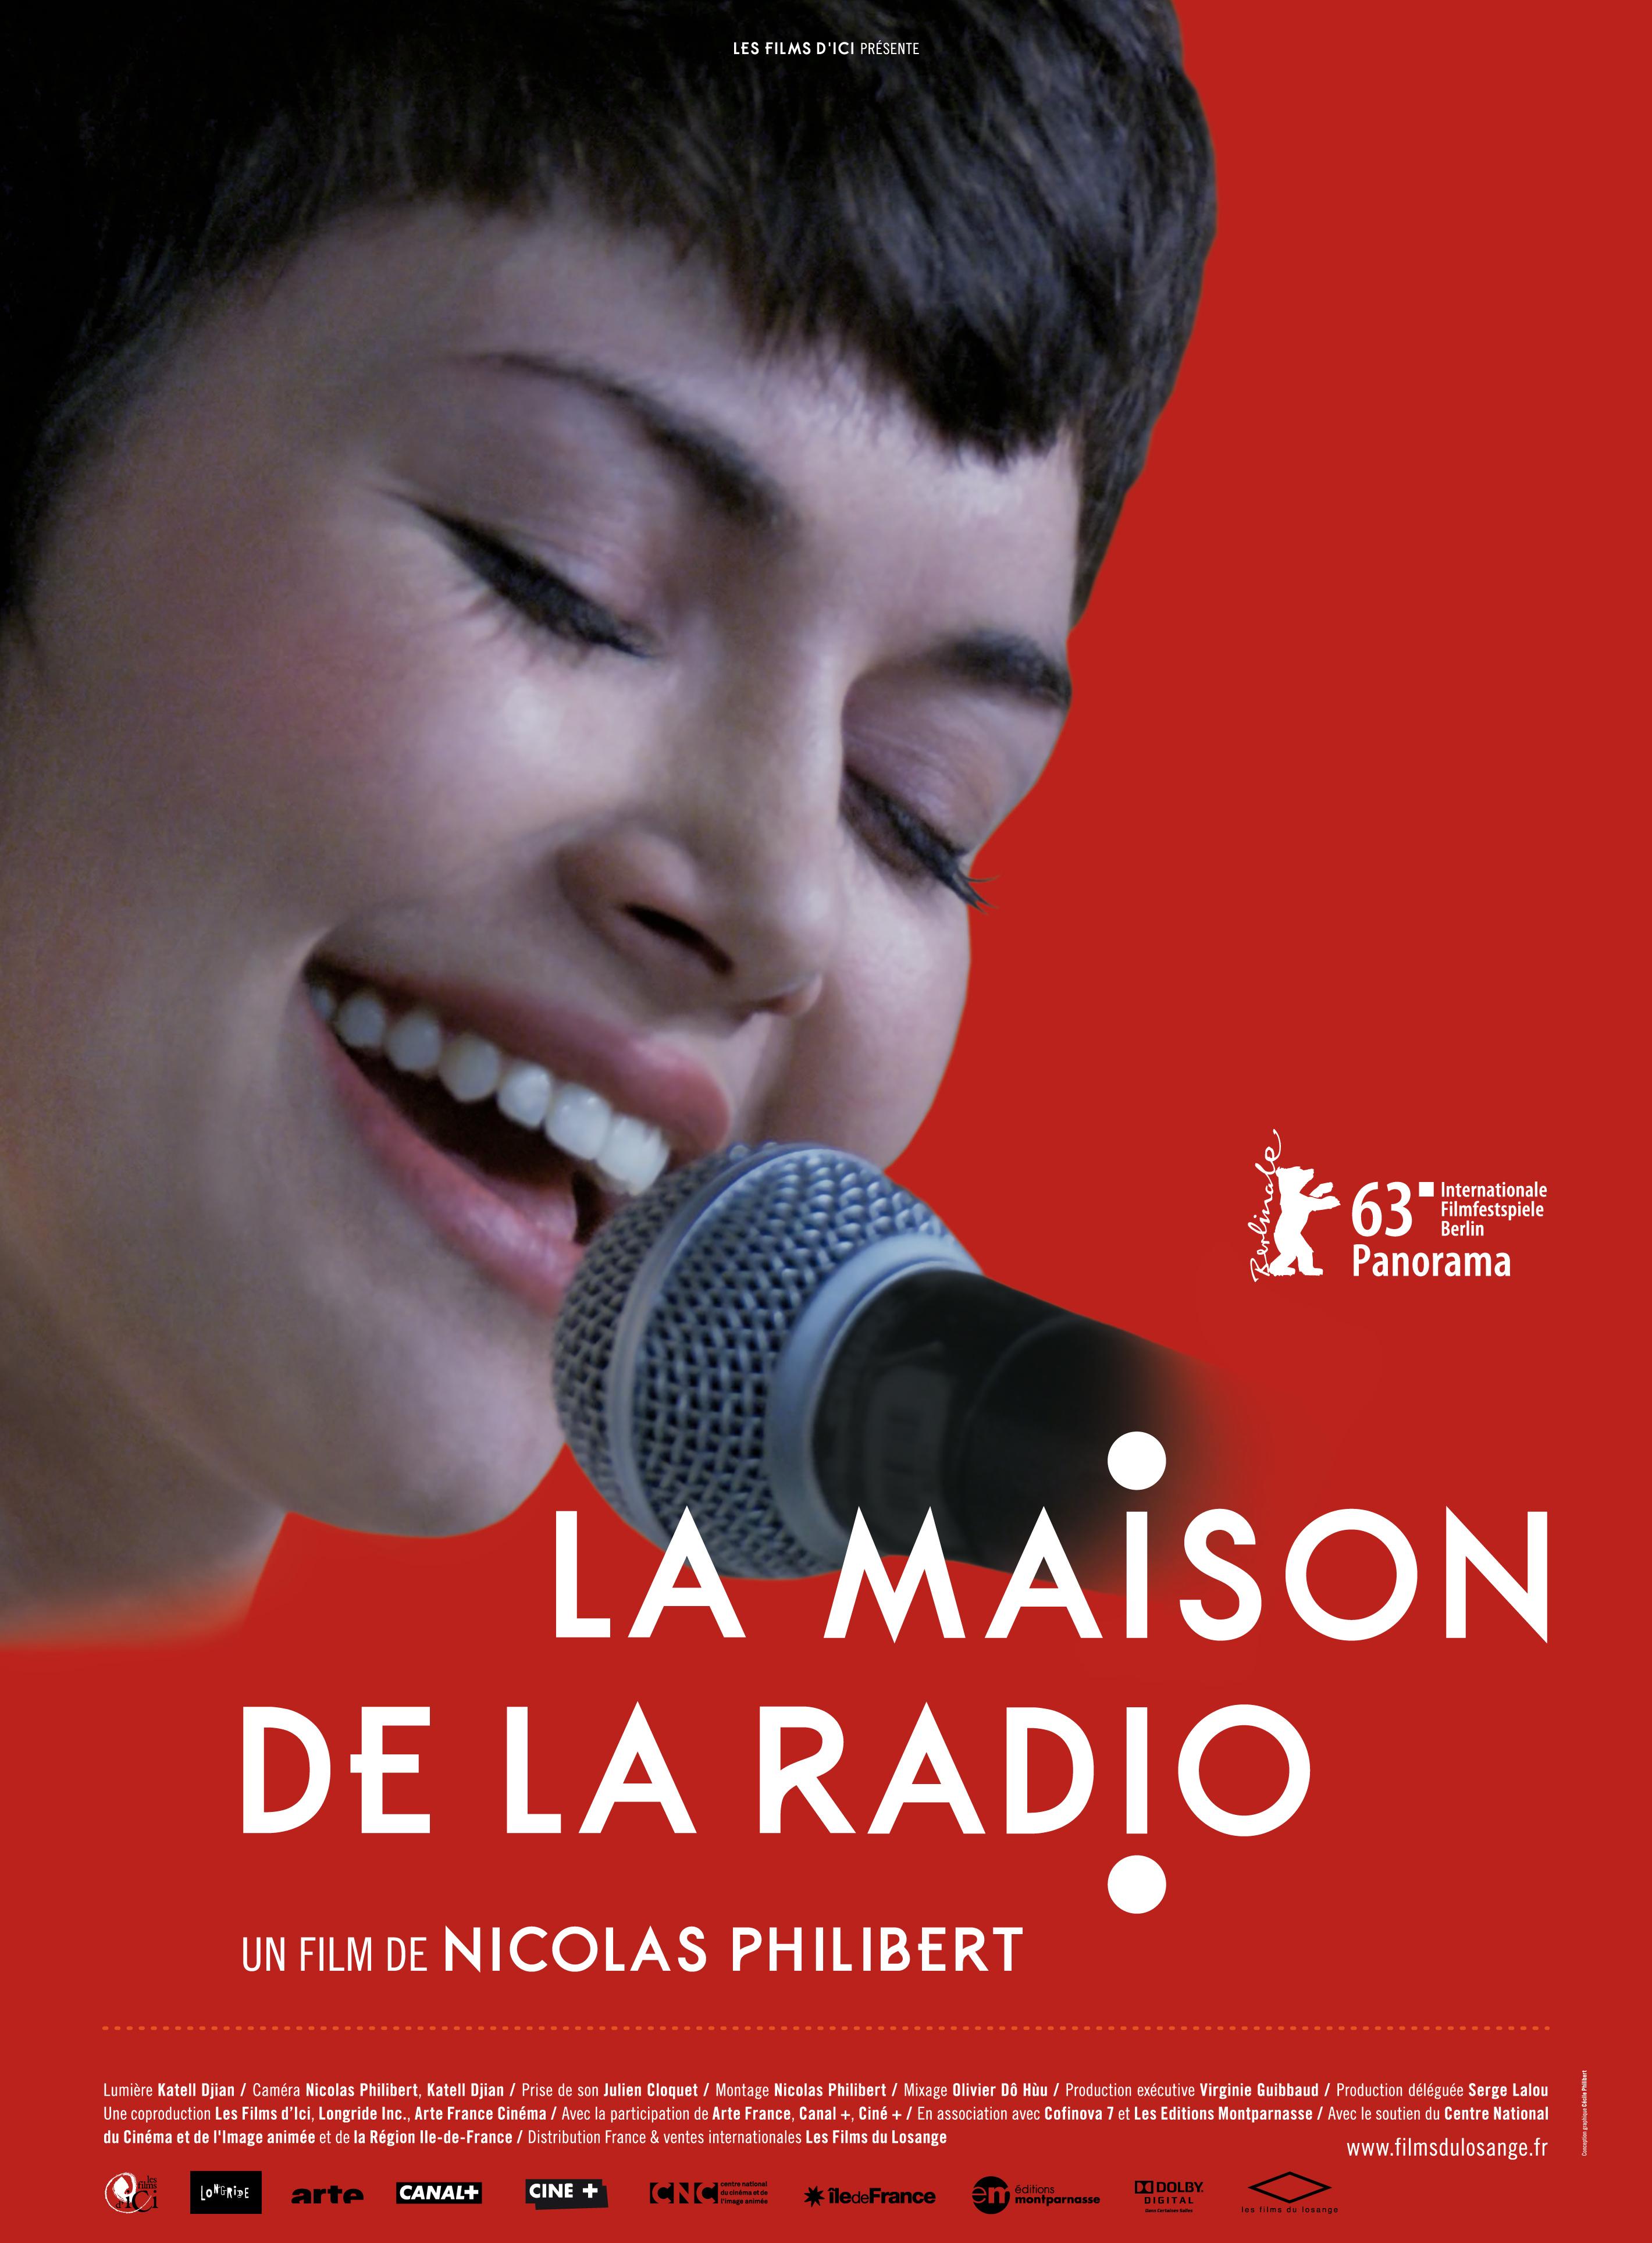 Affiche-24x32,6-Maison radio